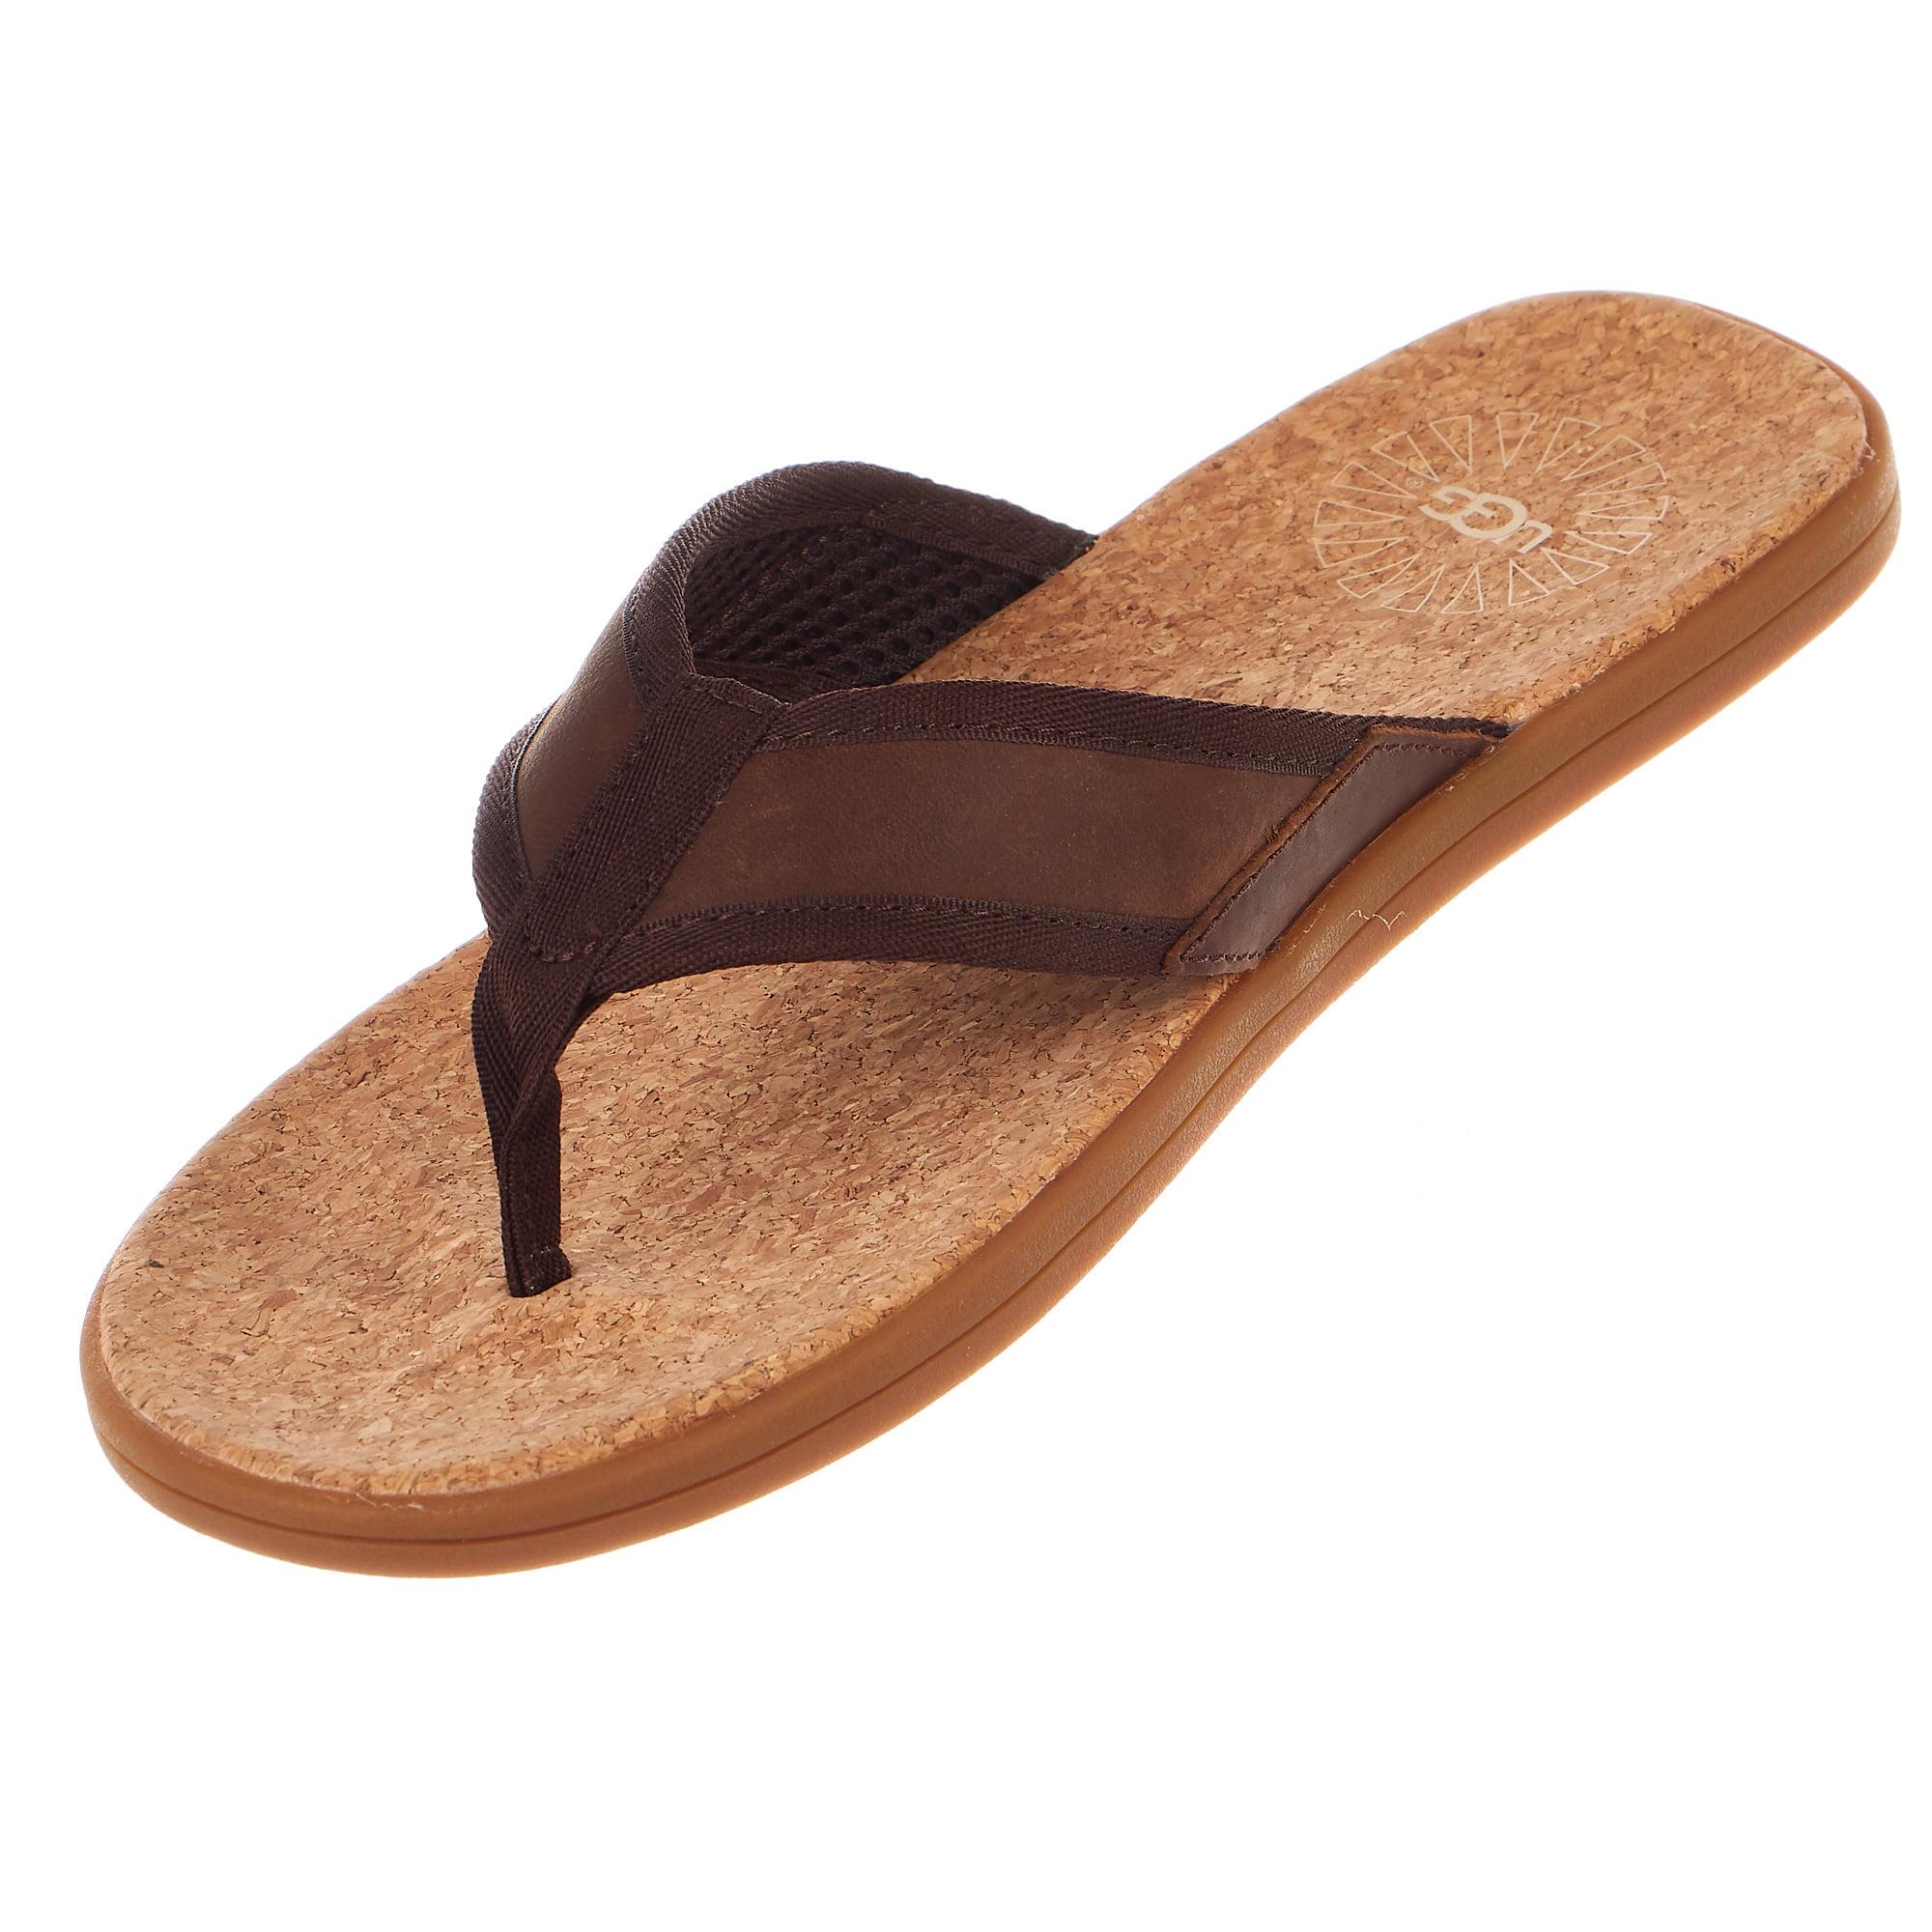 7bc7ffe208a UGG Seaside Flip-Flop - Men's, Chestnut, 8 D(M) US